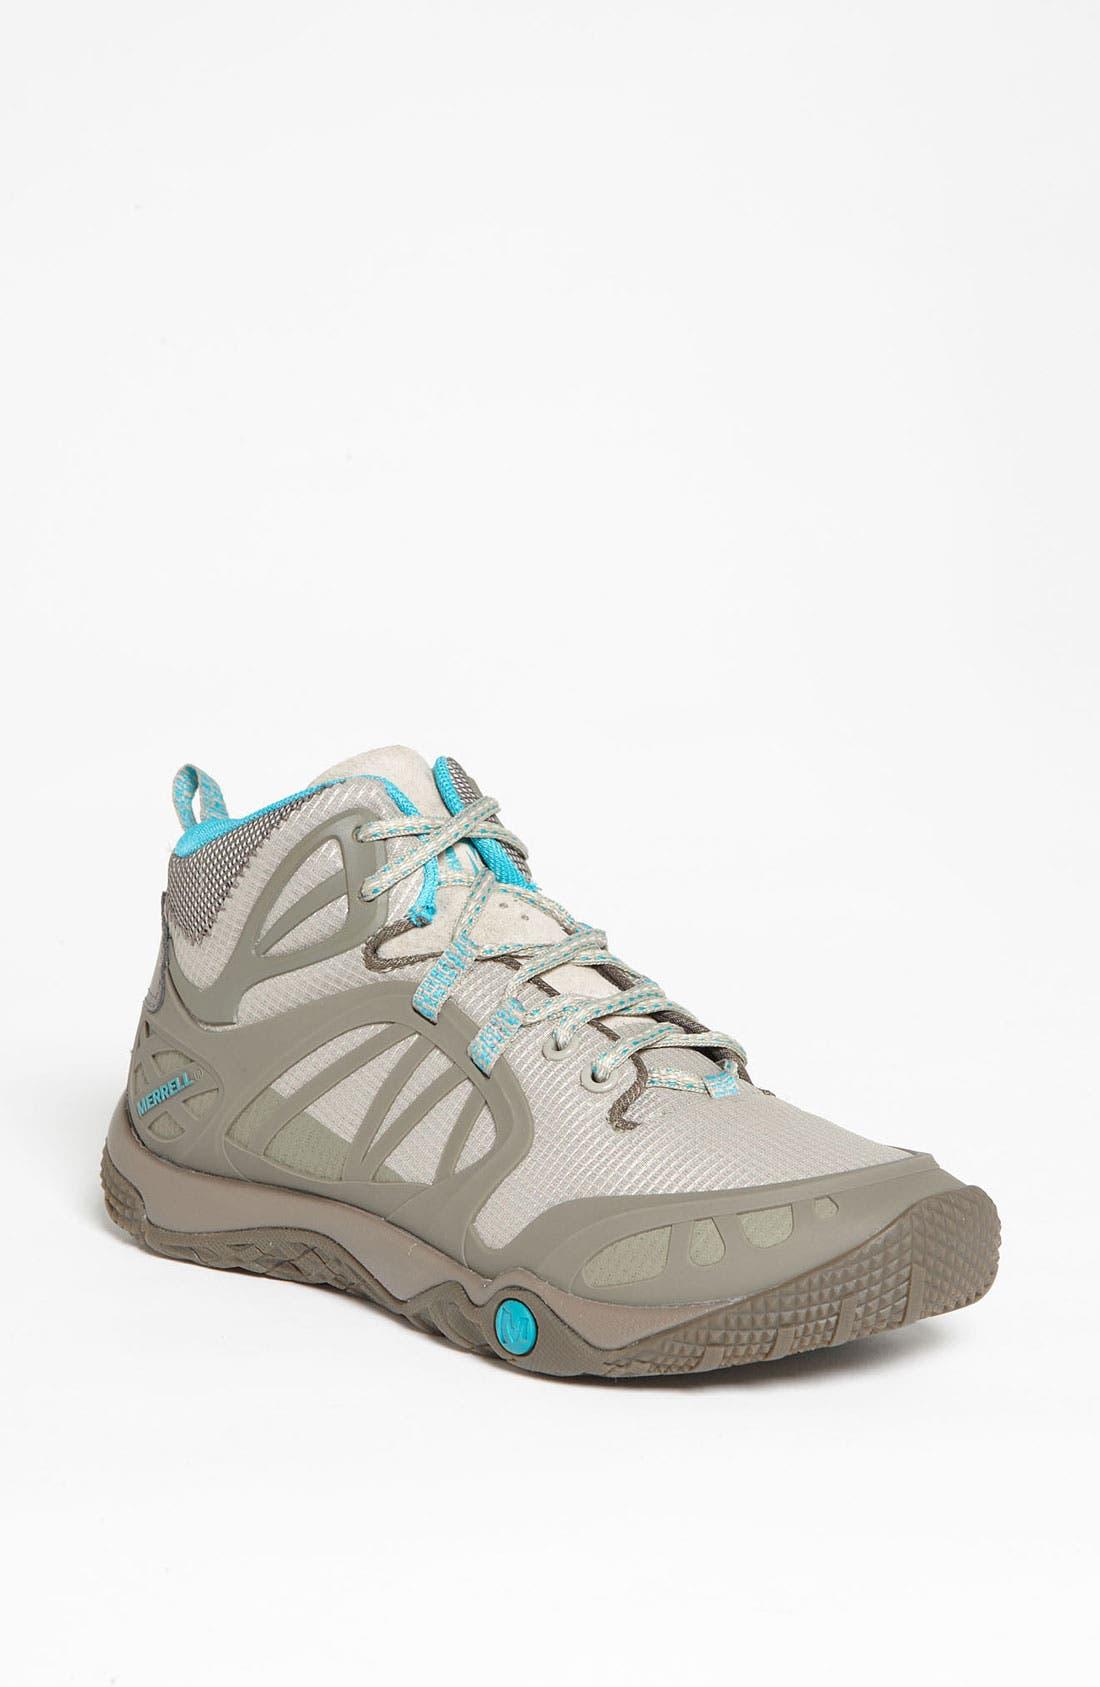 Alternate Image 1 Selected - Merrell 'Proterra Vim Mid' Walking Shoe (Women)